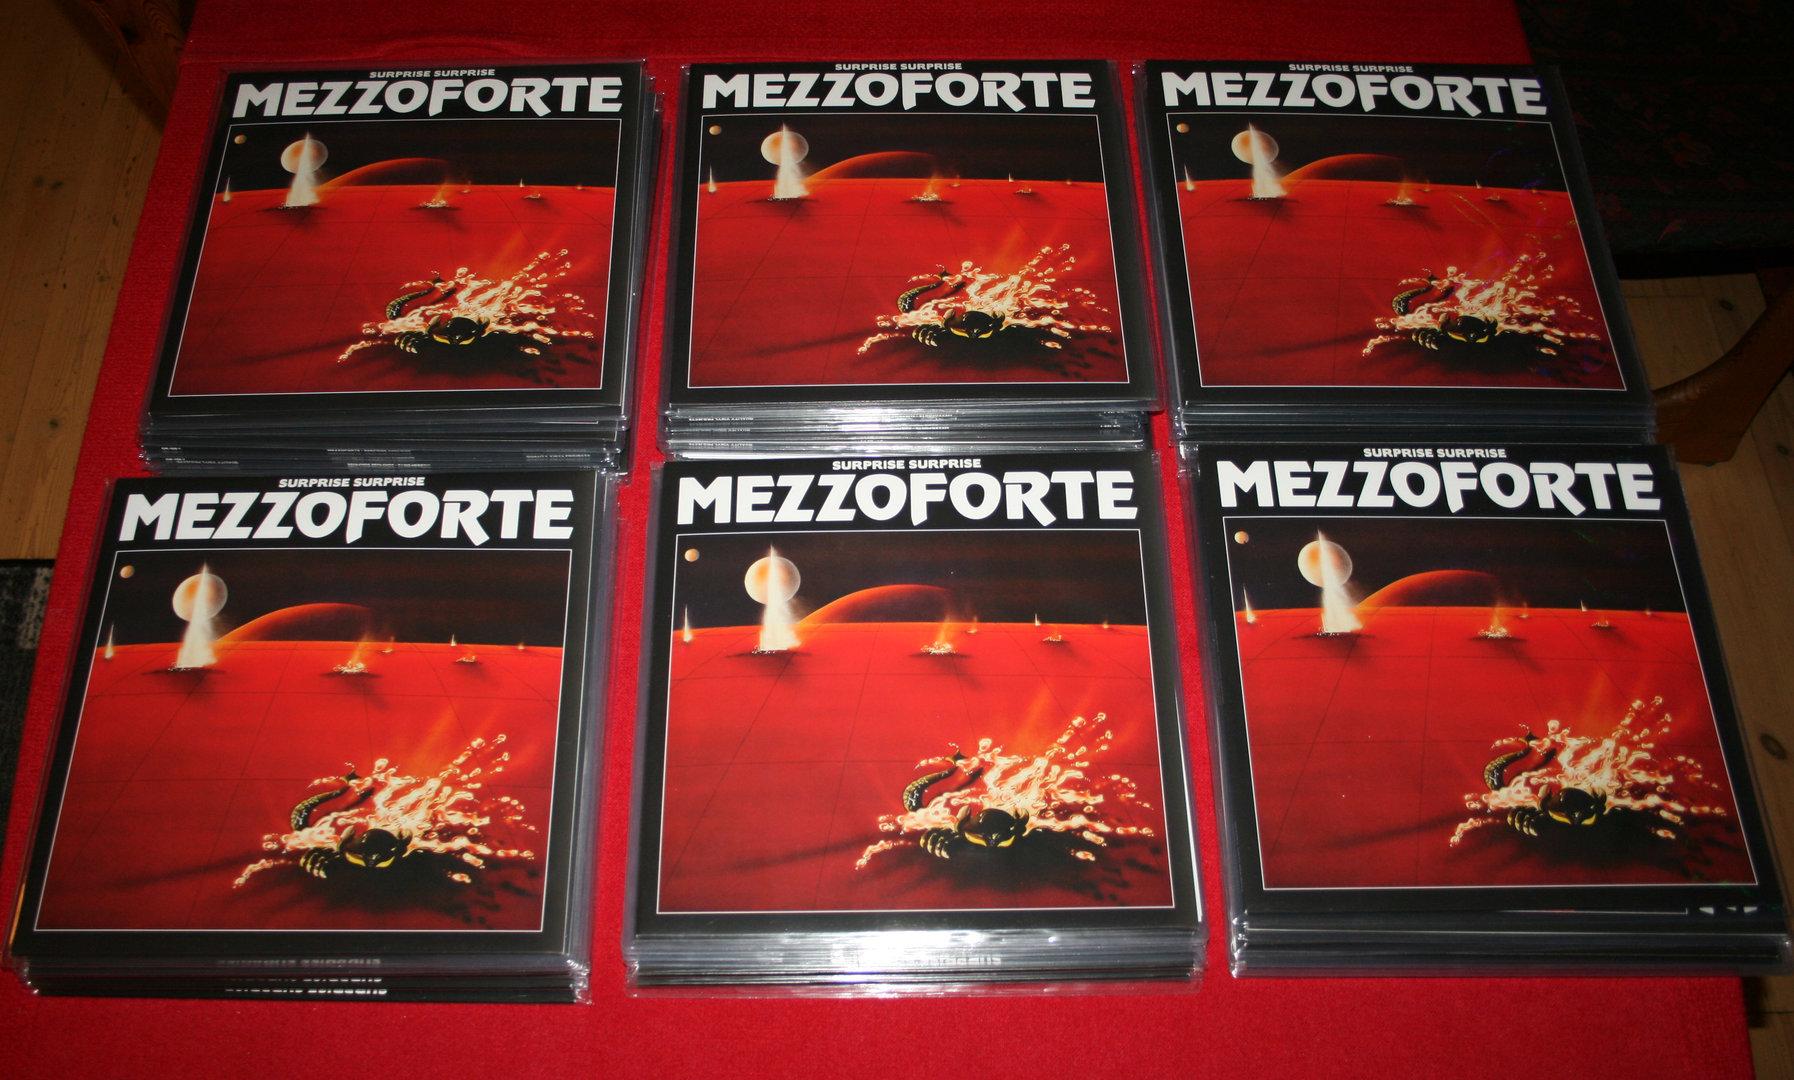 IMG_0475  Mezzoforte.jpg